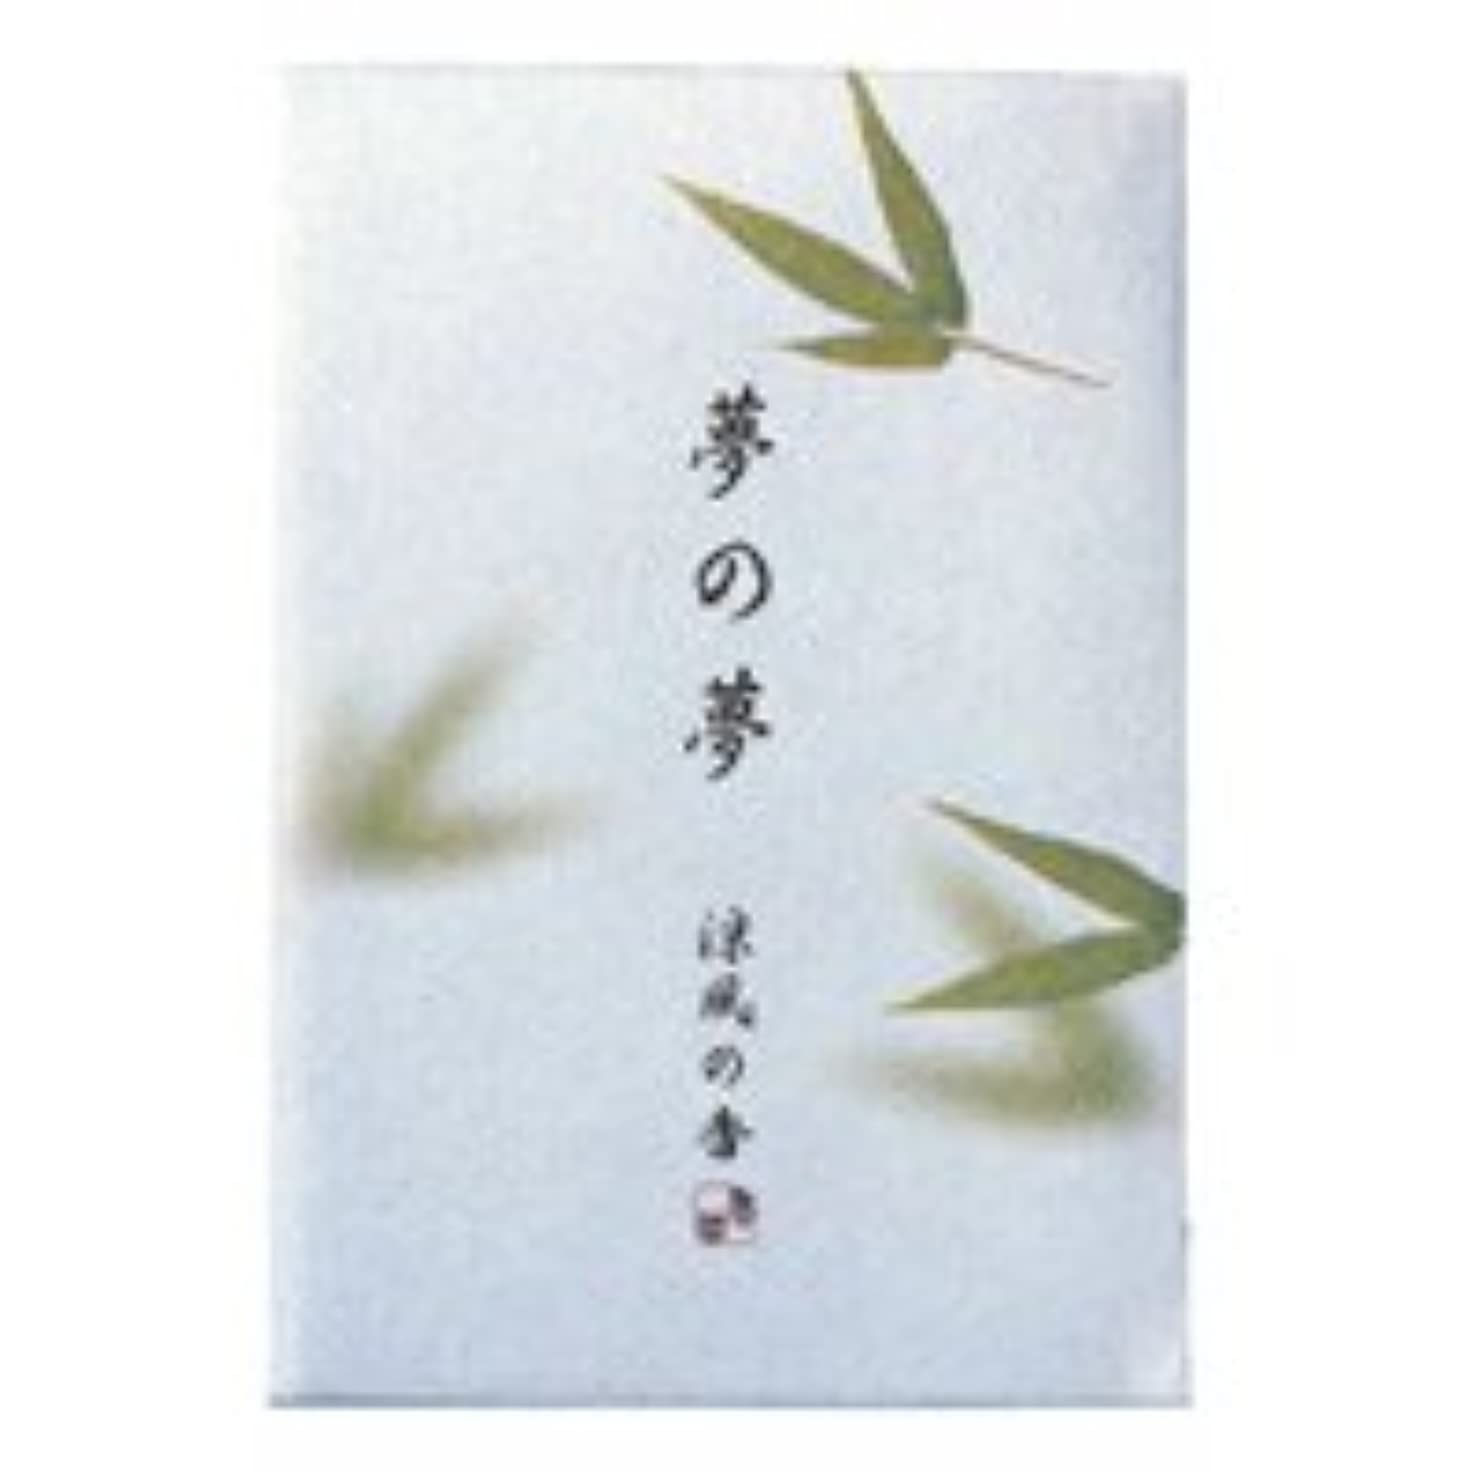 城終わらせる最高日本香堂 夢の夢 涼風の香(すずかぜ) お香 スティック 12本